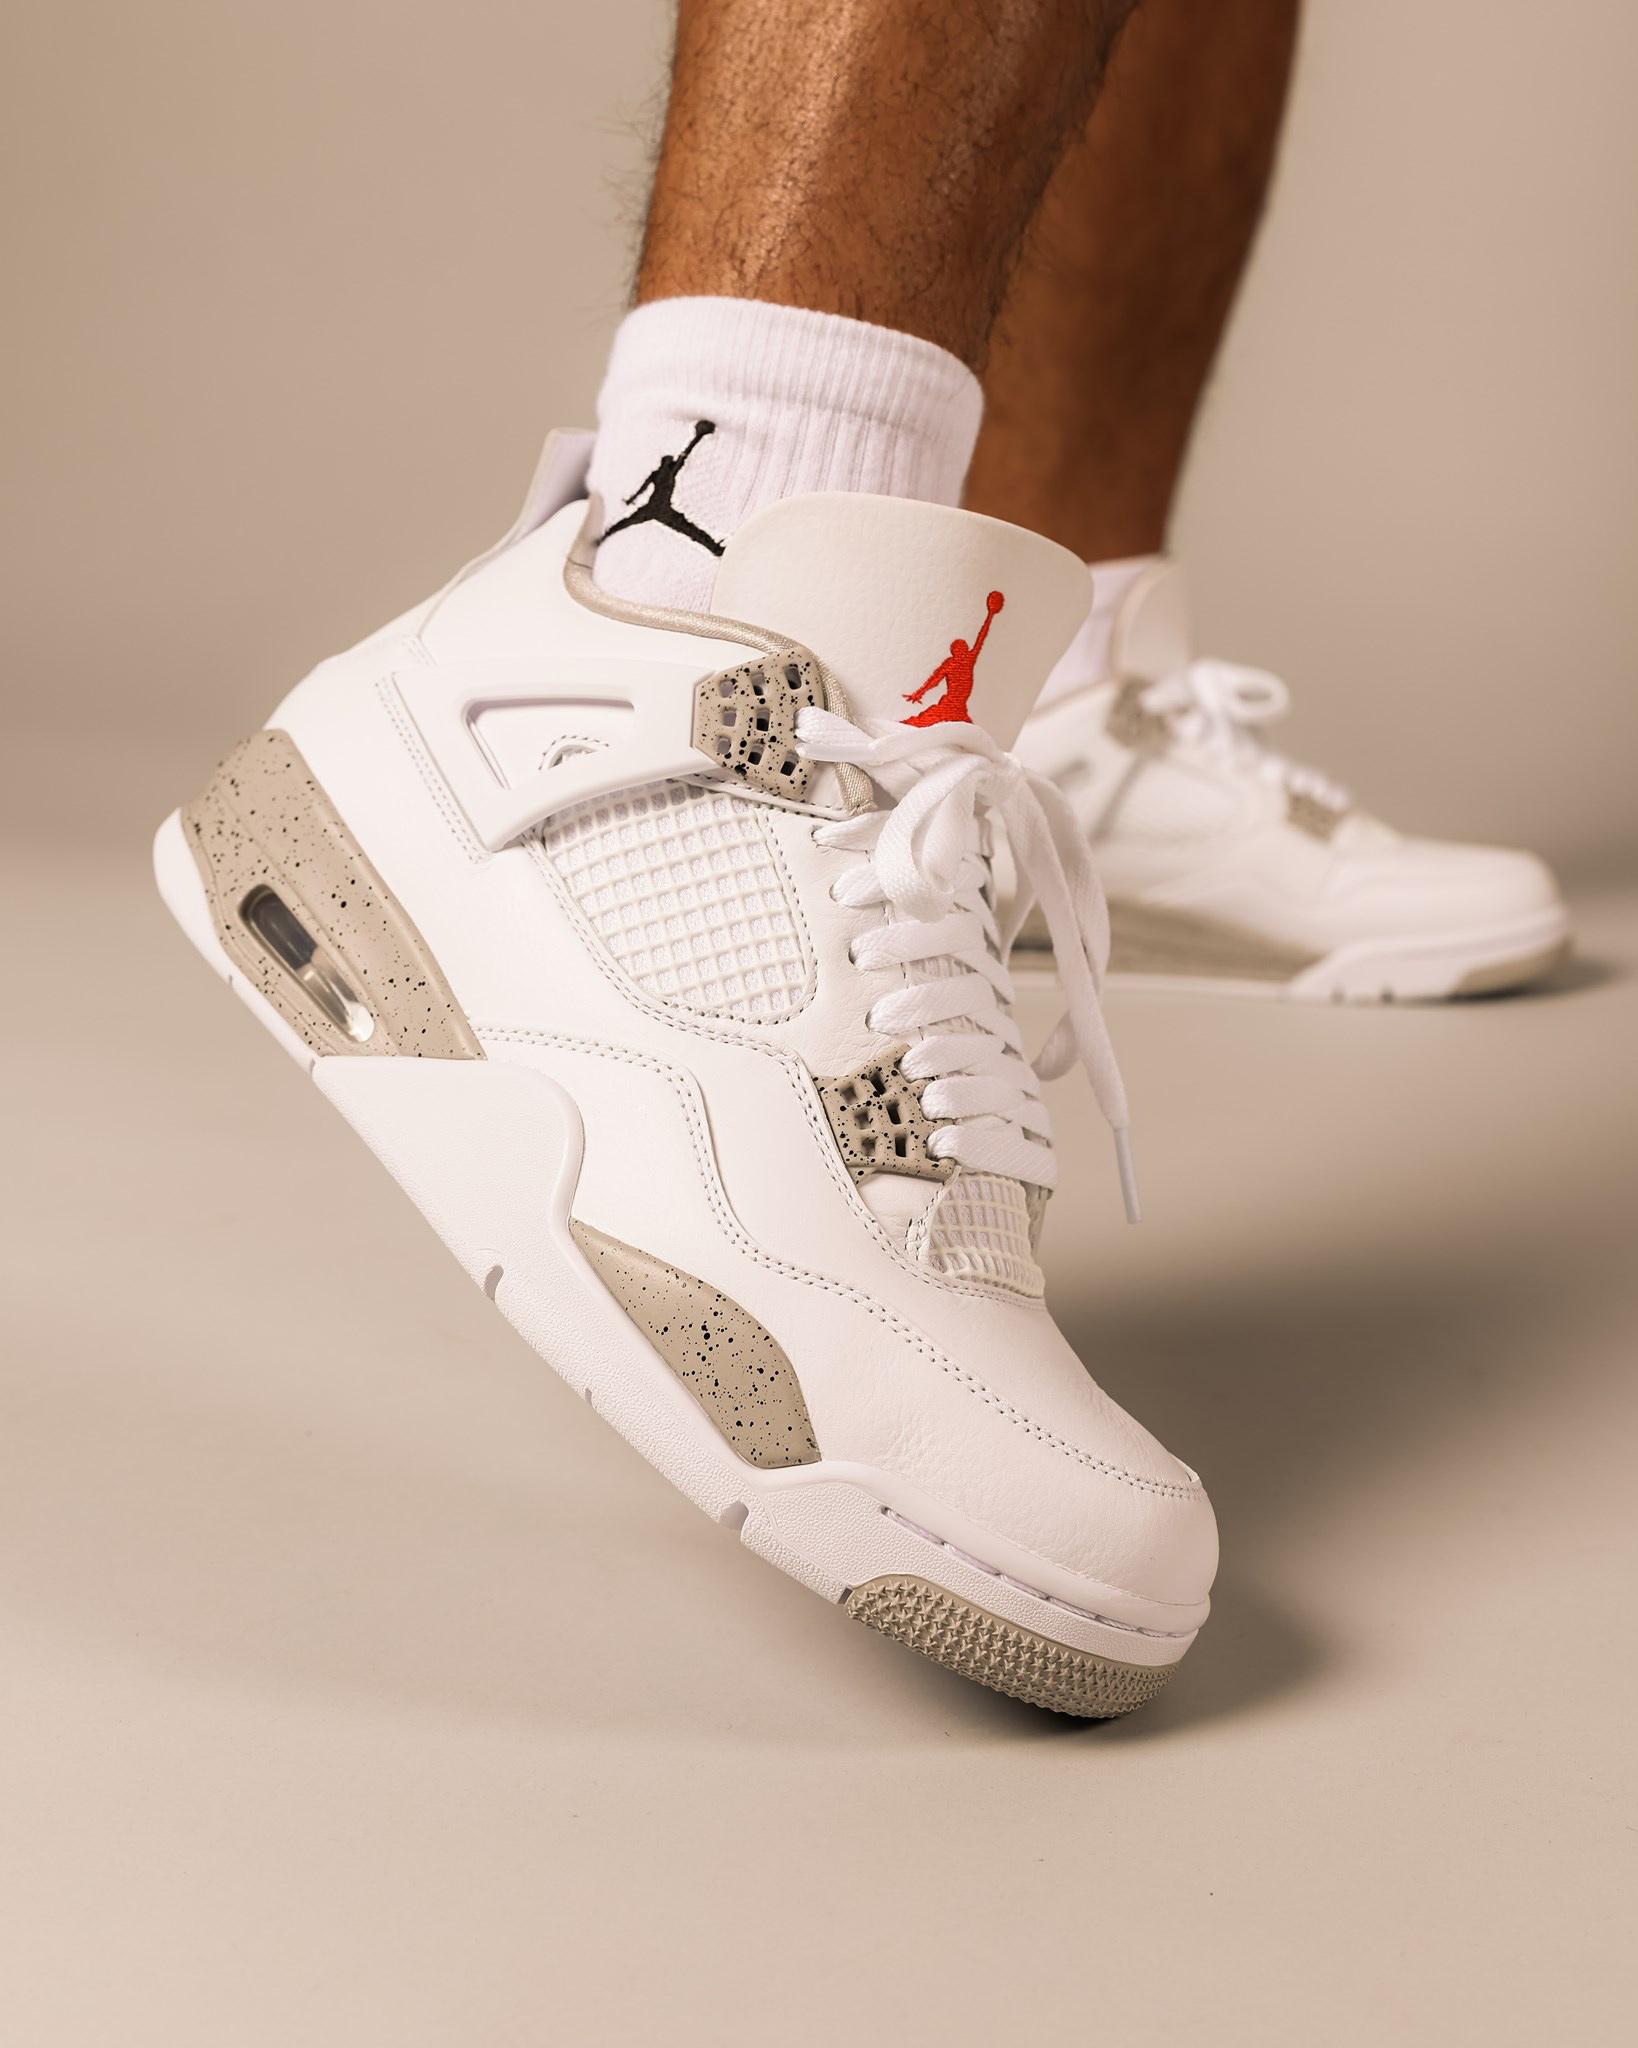 air-jordan-4-white-oreo-tech-white-grey-on-feet